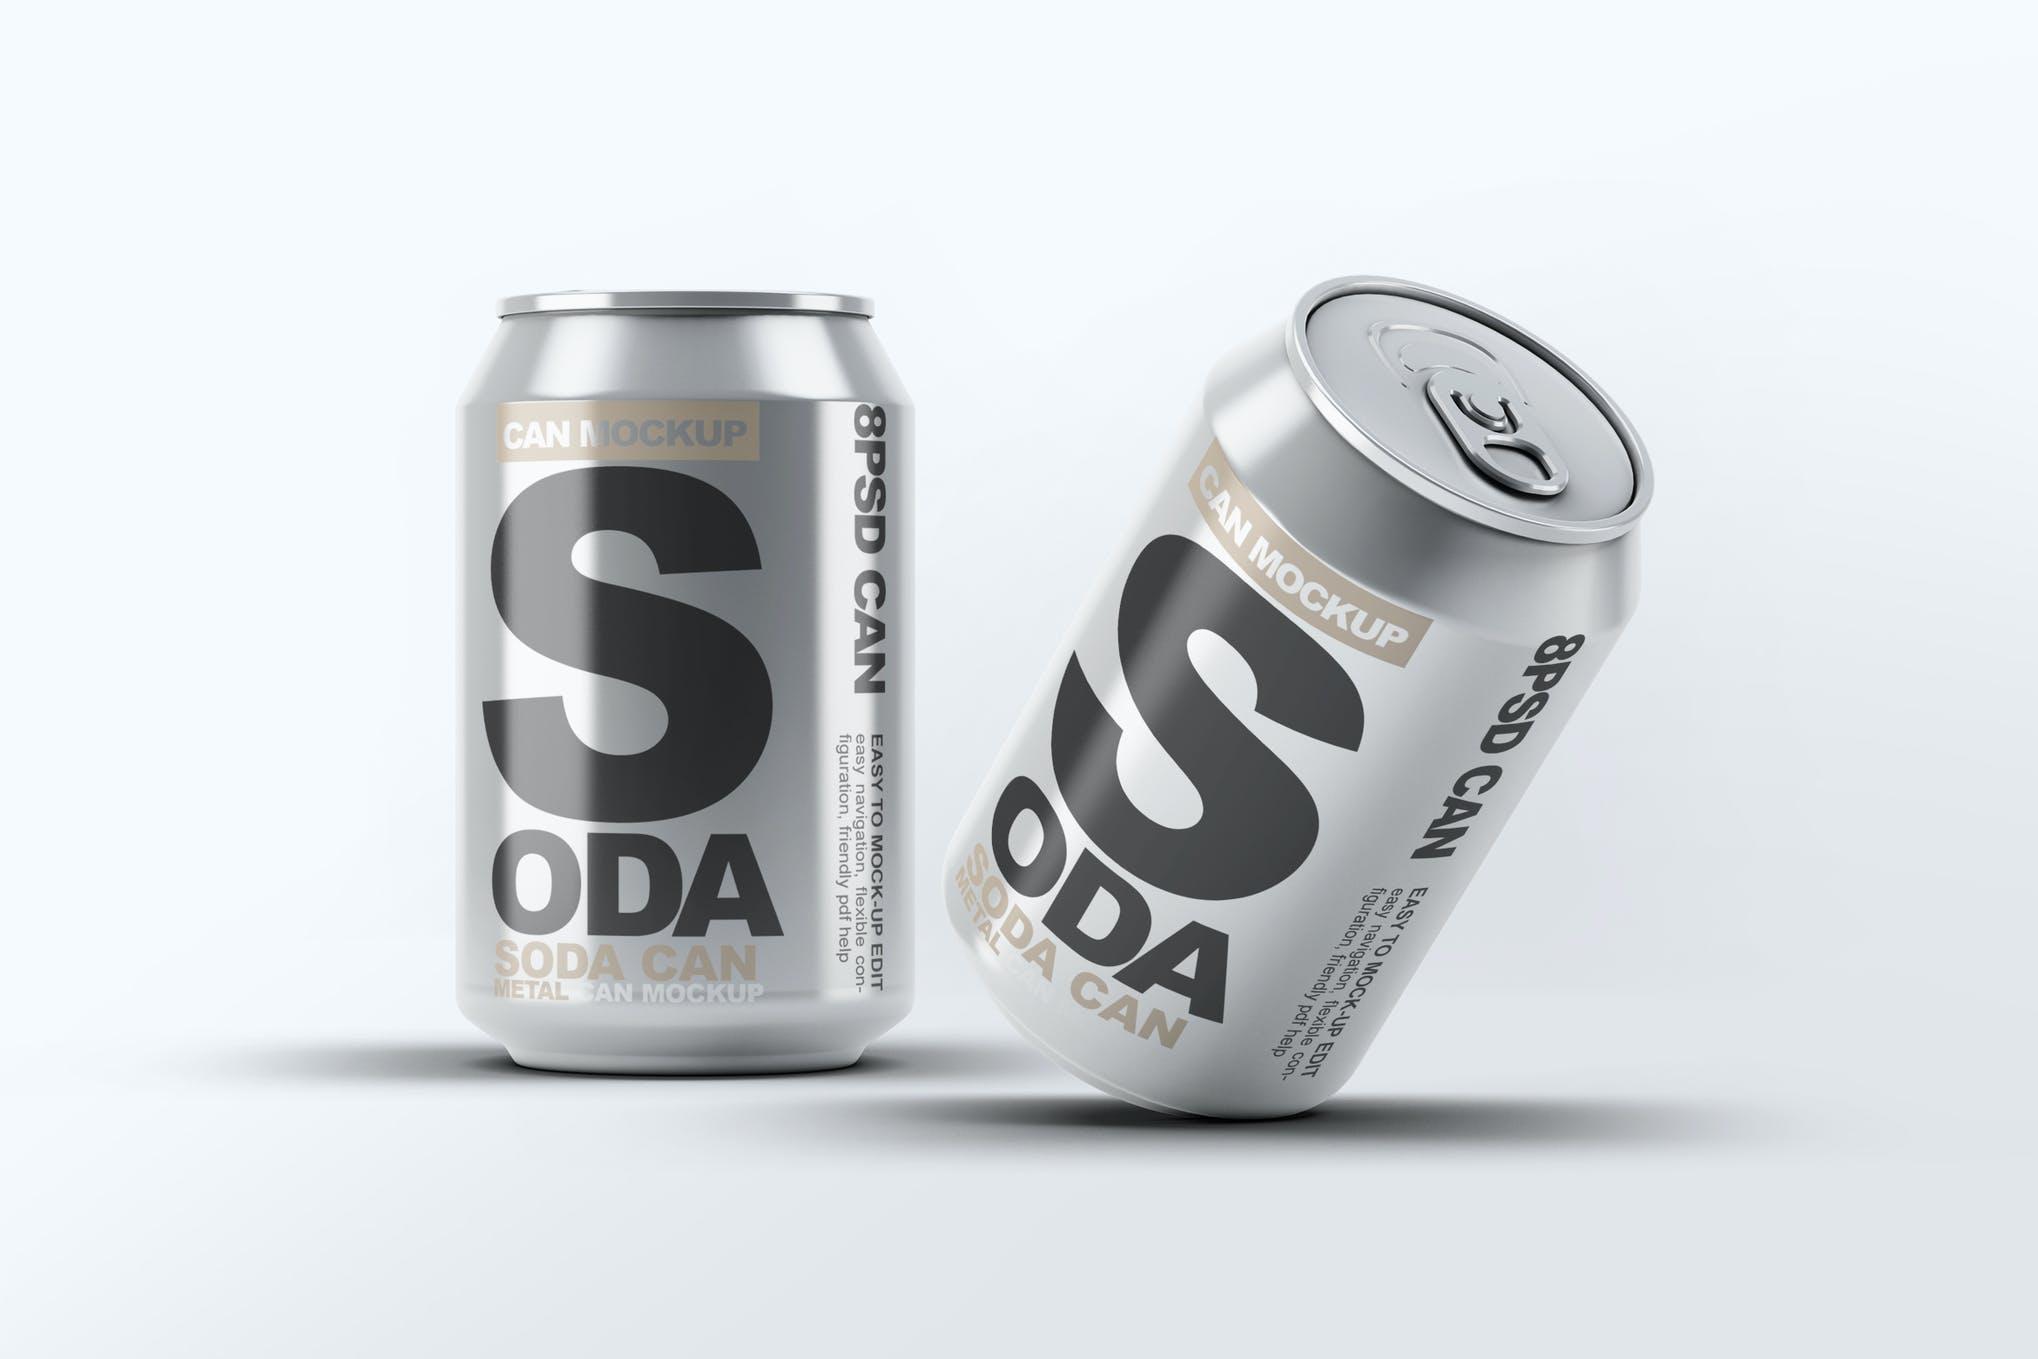 碳酸饮料易拉罐样机效果图插图(1)